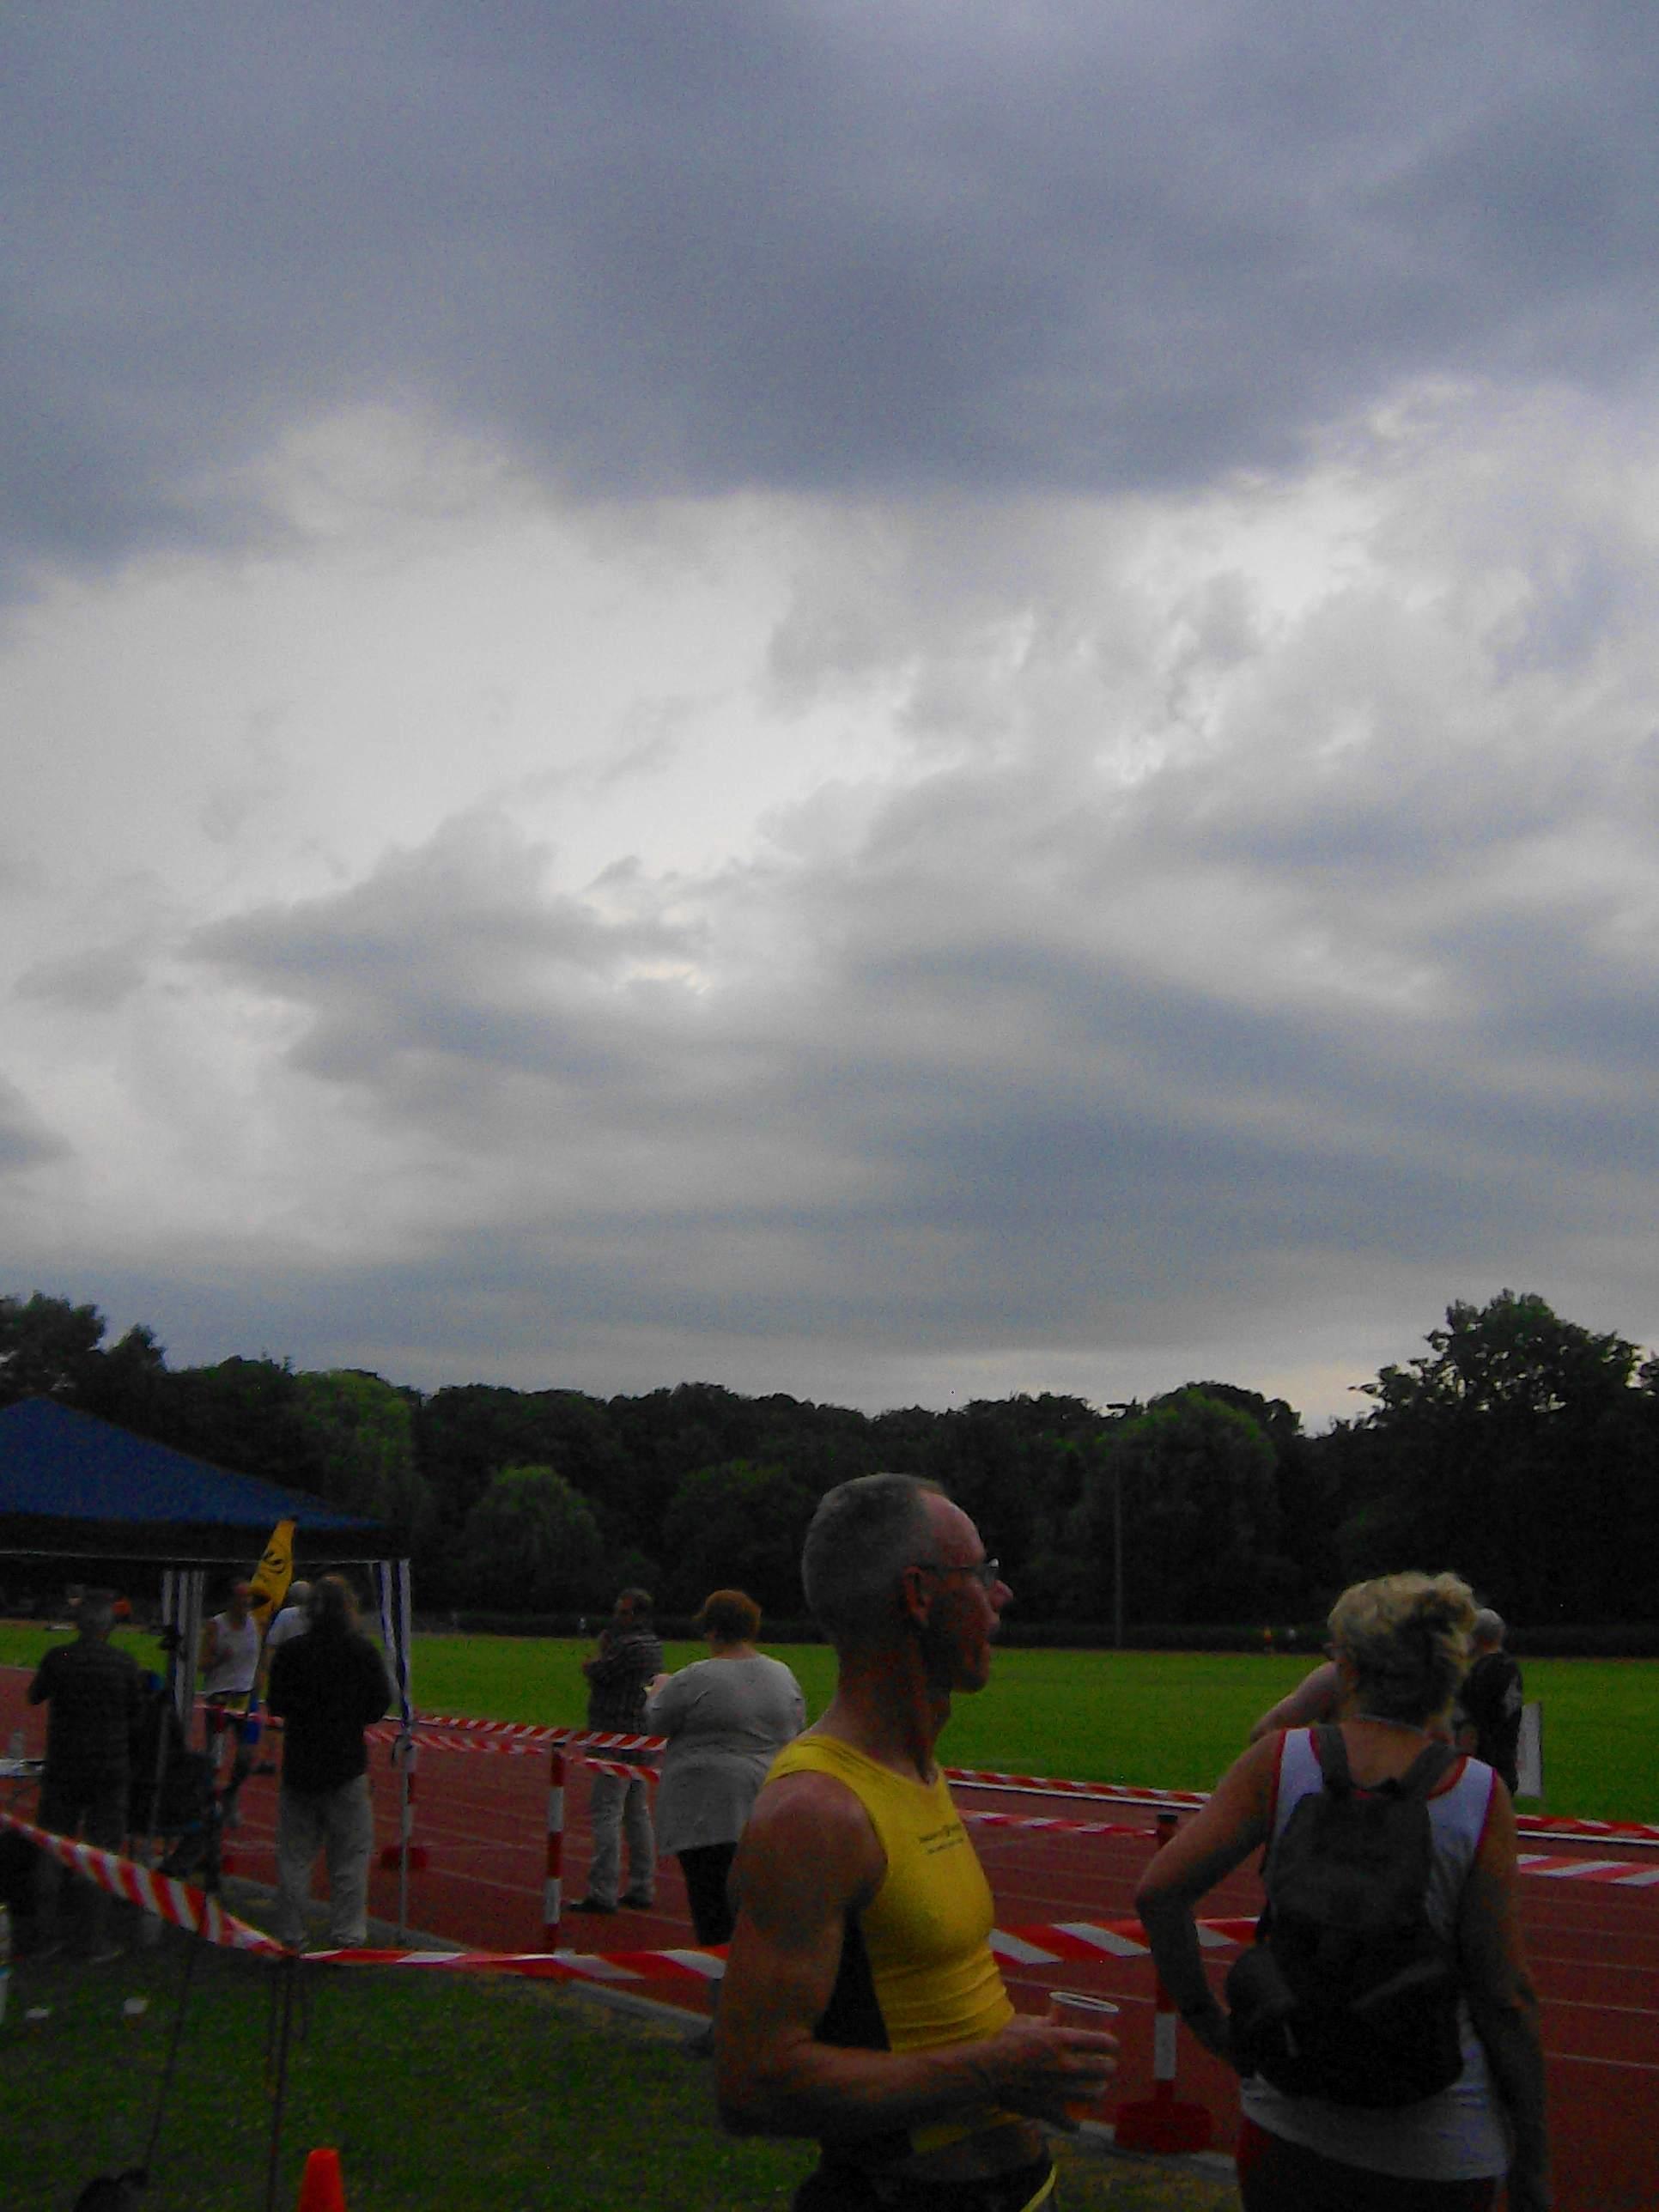 9. Hammer Park Lauf (BSV/HH): Gewitterwolken ziehen auf